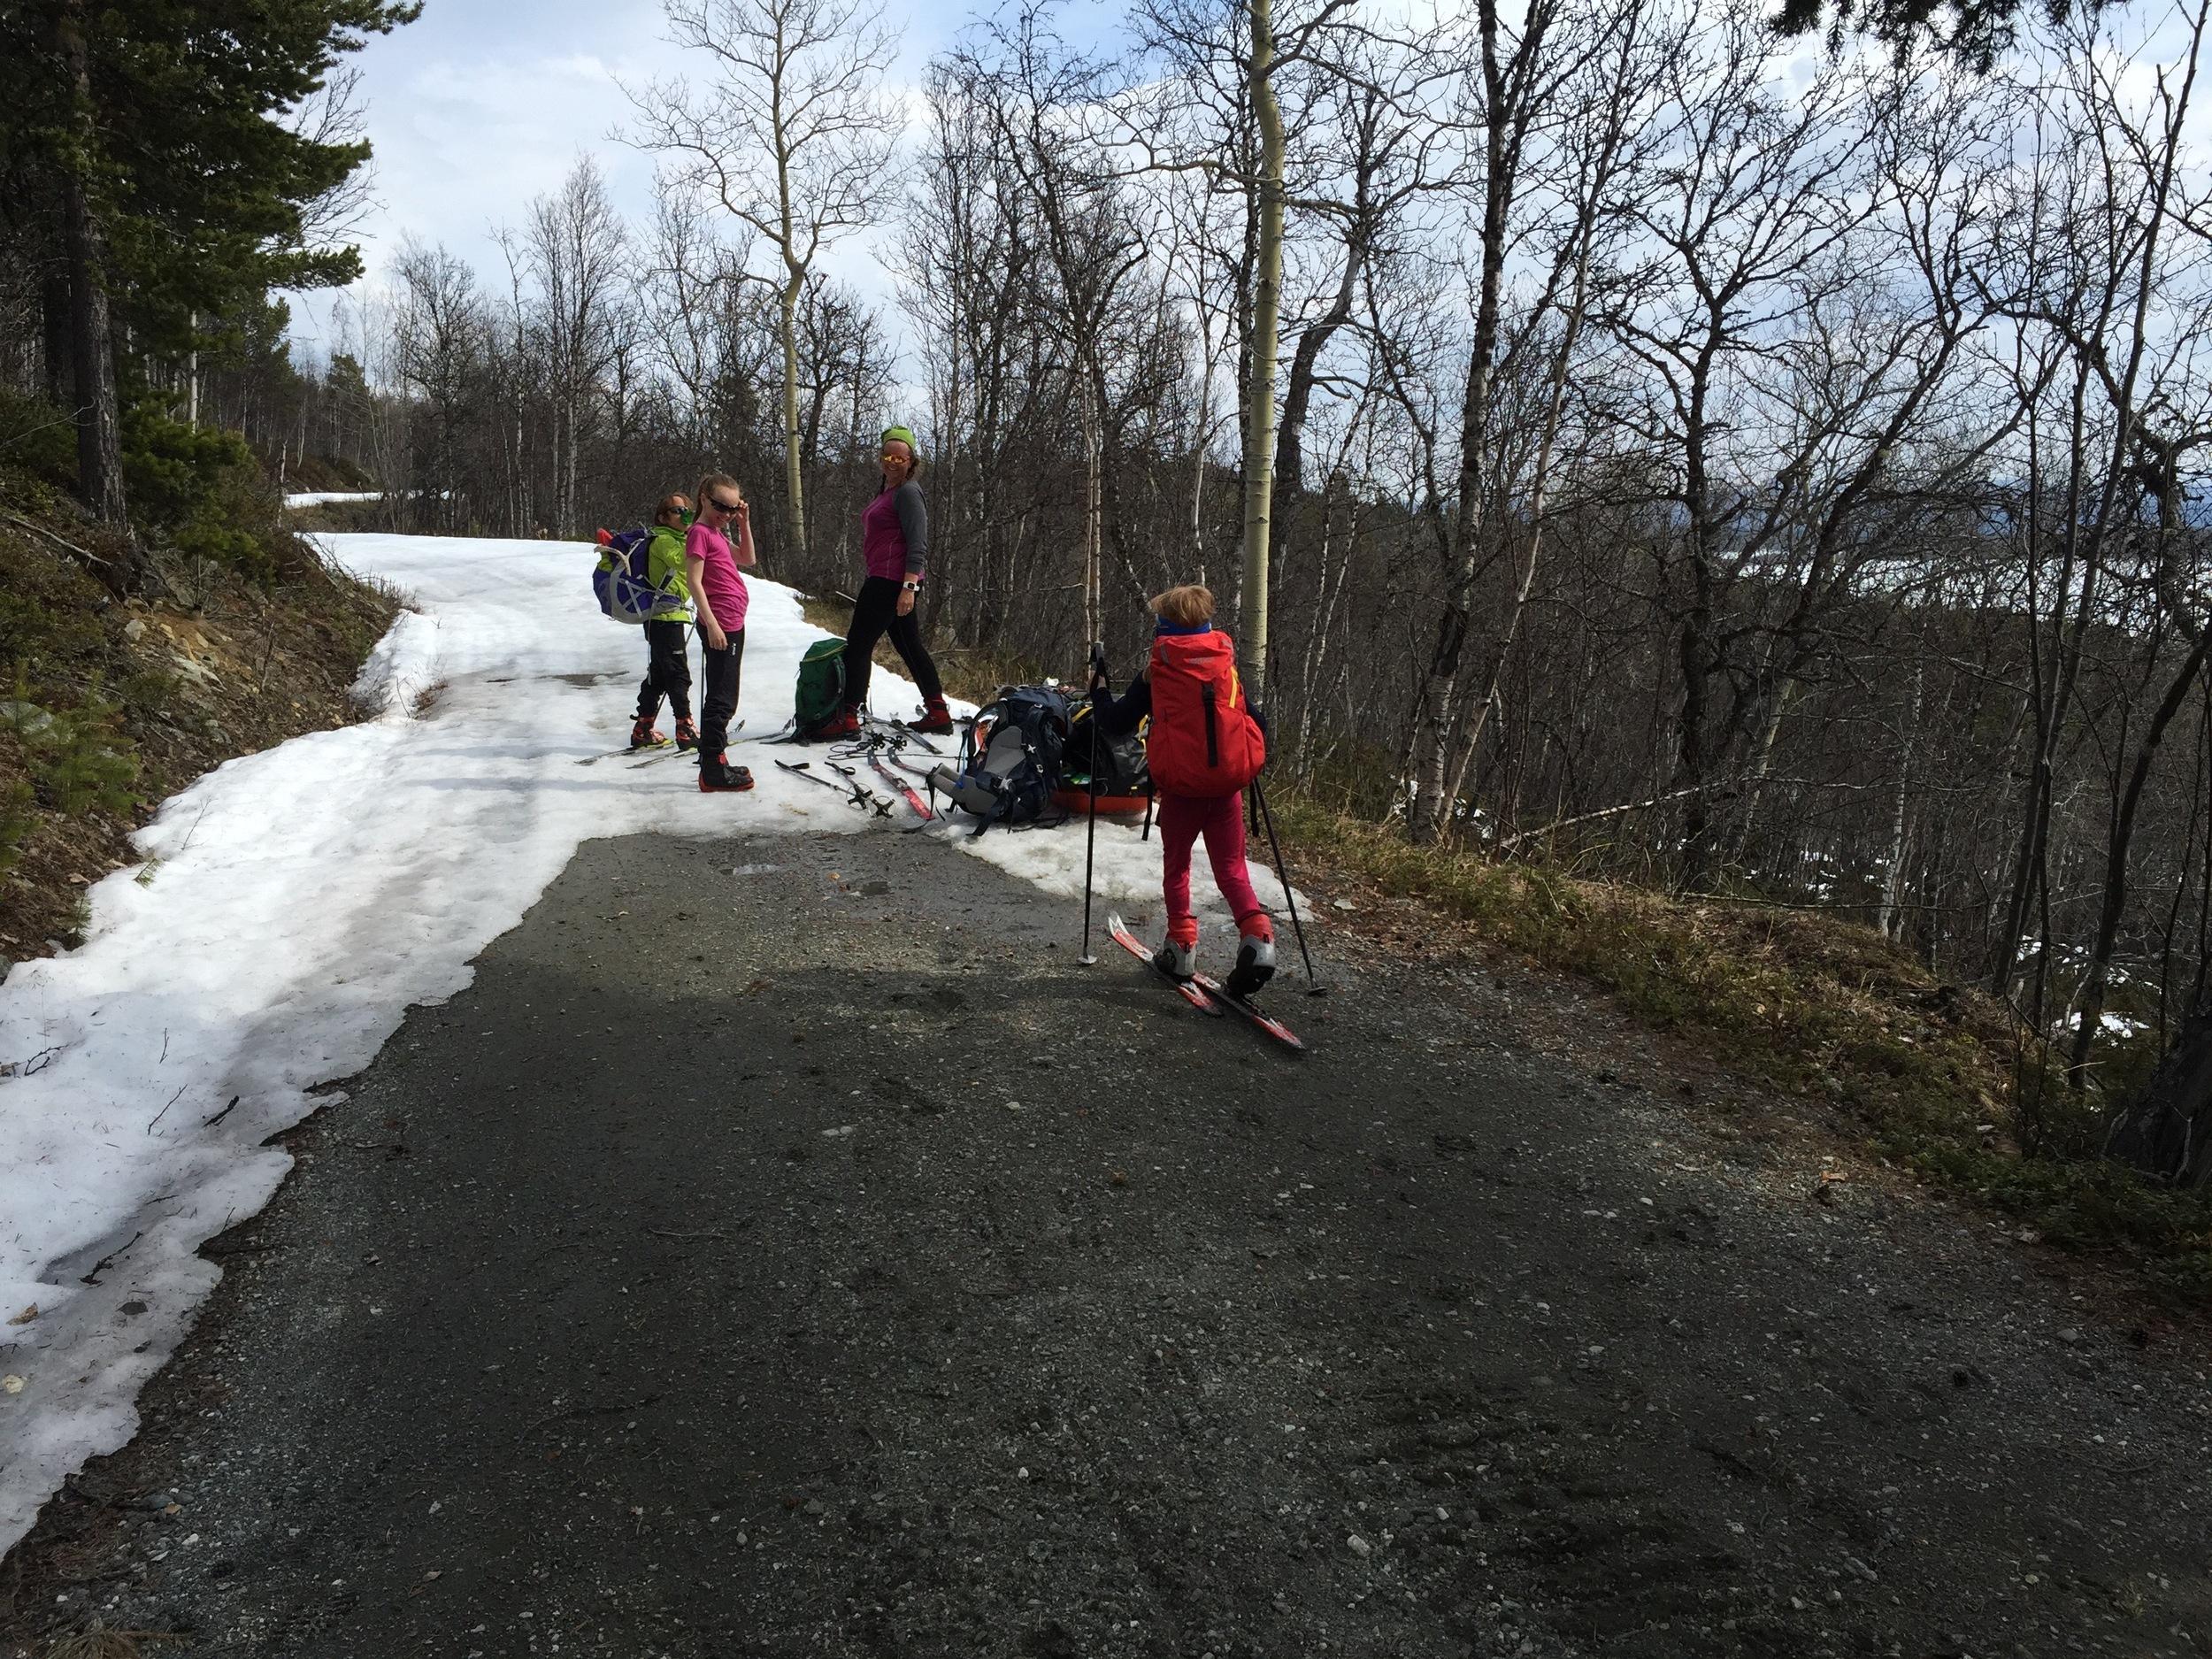 Turen til Sikkilsdalen ble siste overnattingstur på ski for hele familien